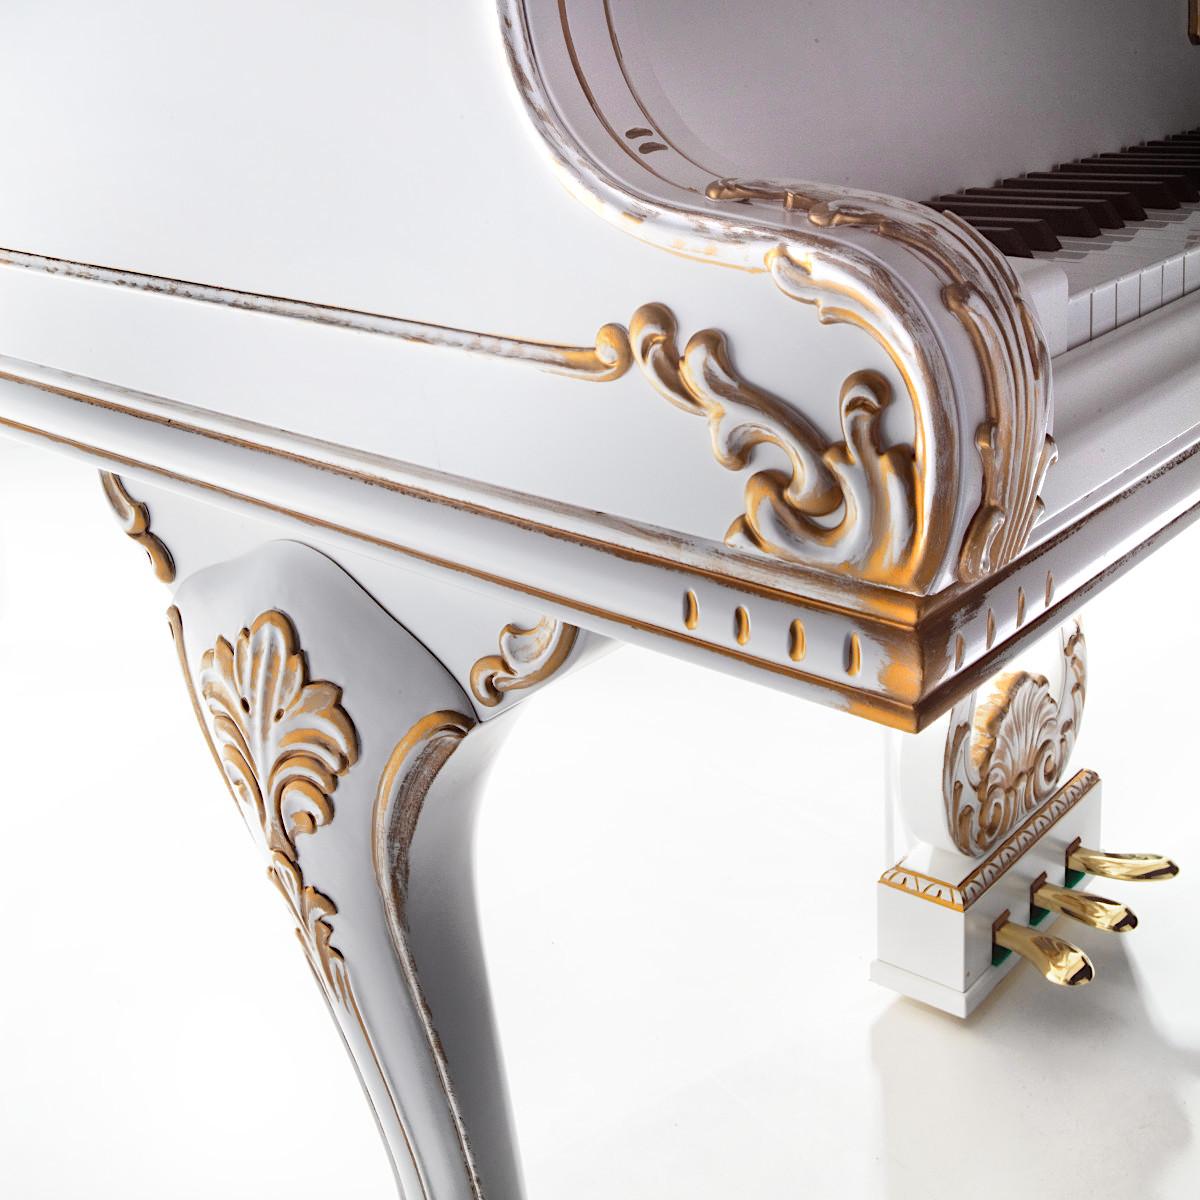 Акустический рояль PETROF P 173 Breeze Rococo белый полированный Фото 4